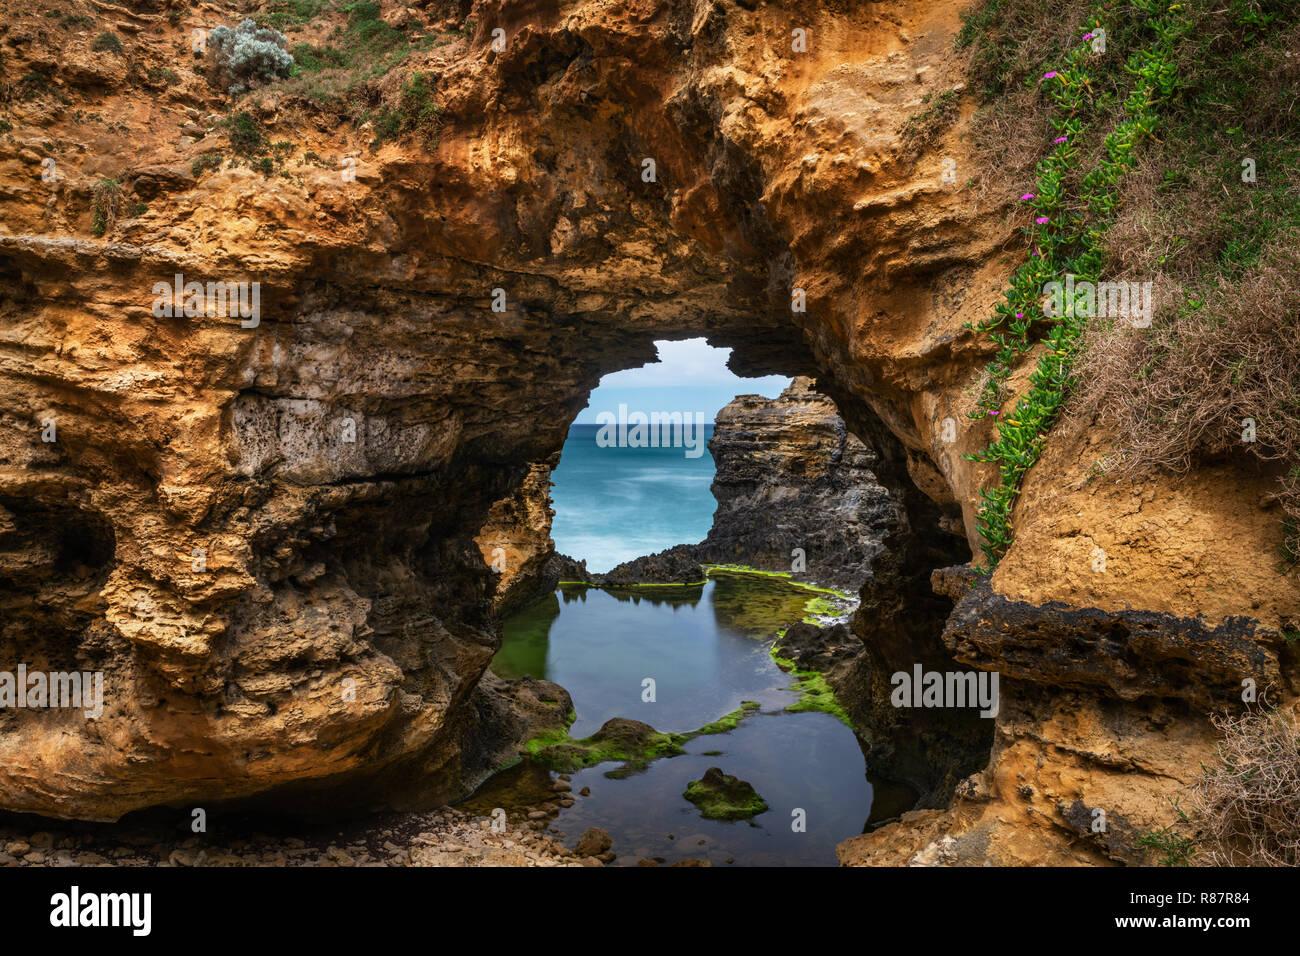 La grotte est l'une des caractéristiques le long de la Great Ocean Road. Banque D'Images